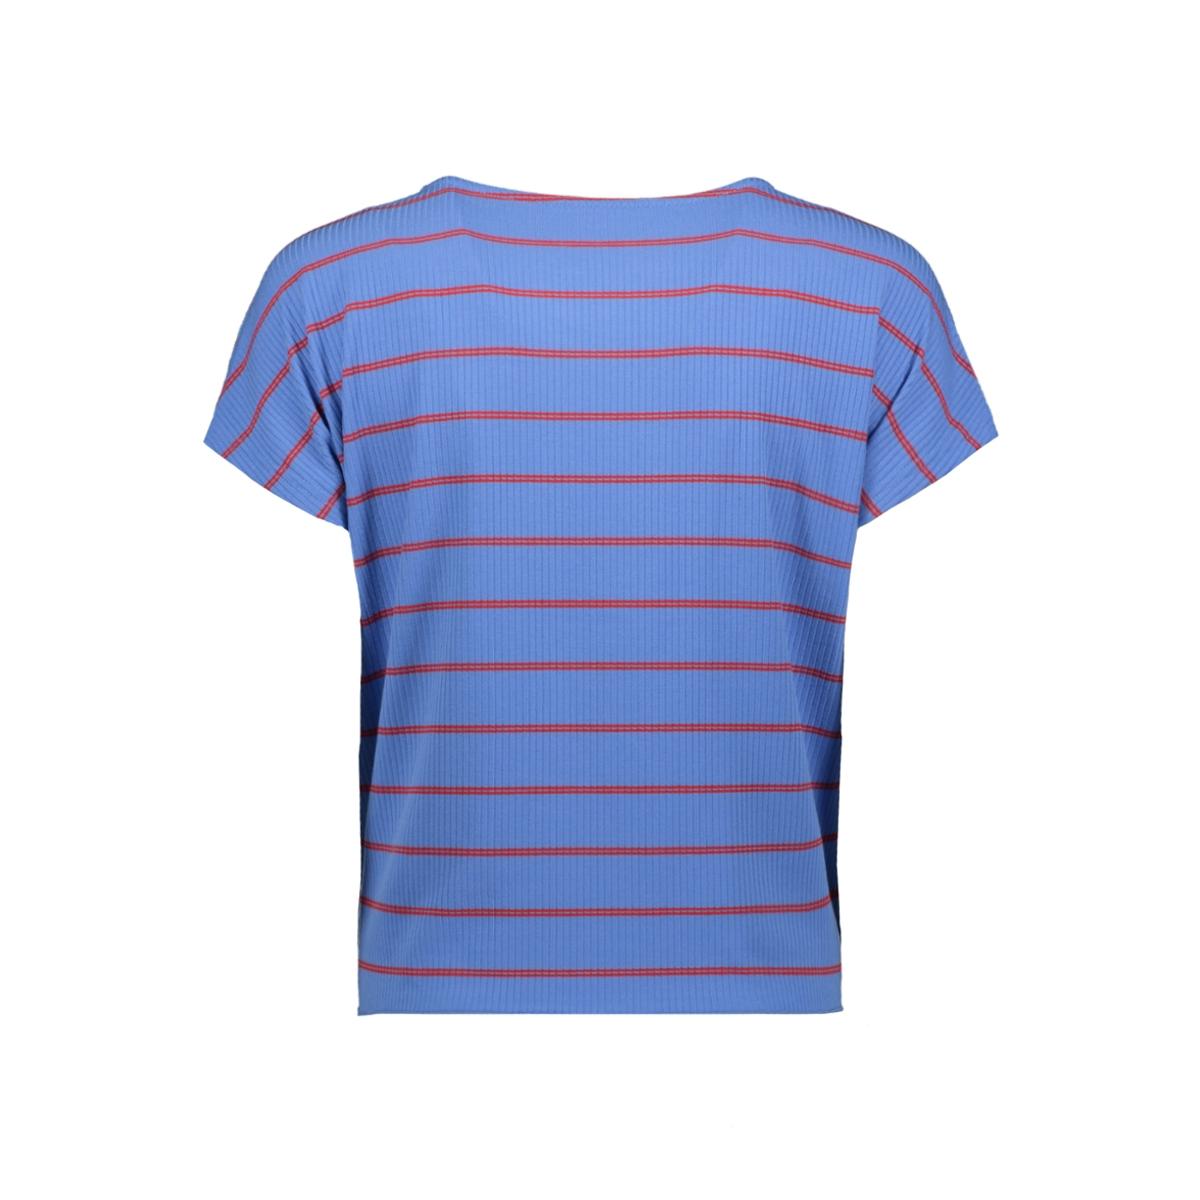 vmshannon ss wide knot top jrs 10215979 vero moda t-shirt granada sky/fiery red